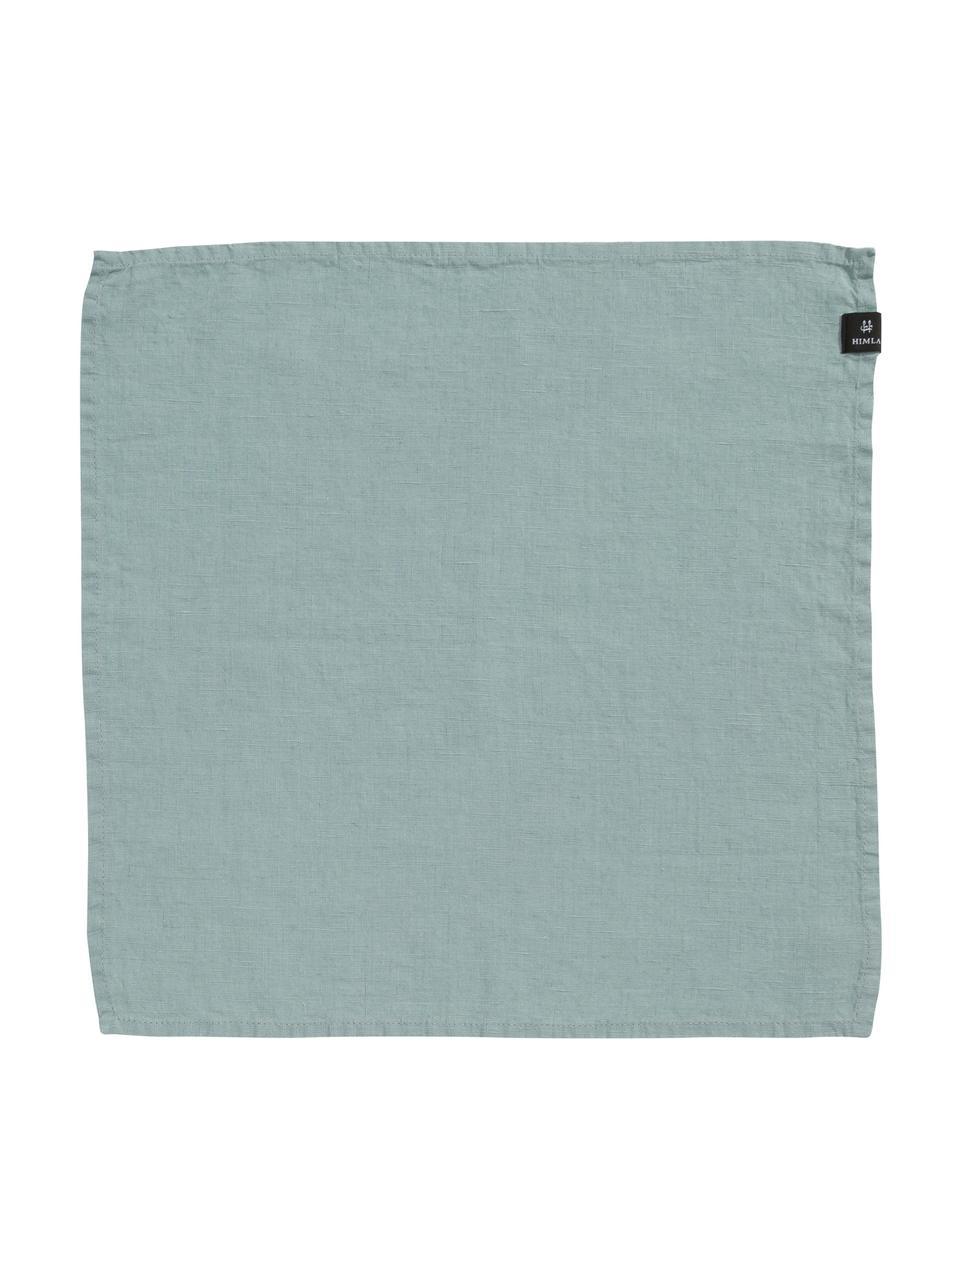 Leinen-Servietten Sunshine in Blaugrün, 4 Stück, Leinen, Helles Blaugrün, 45 x 45 cm